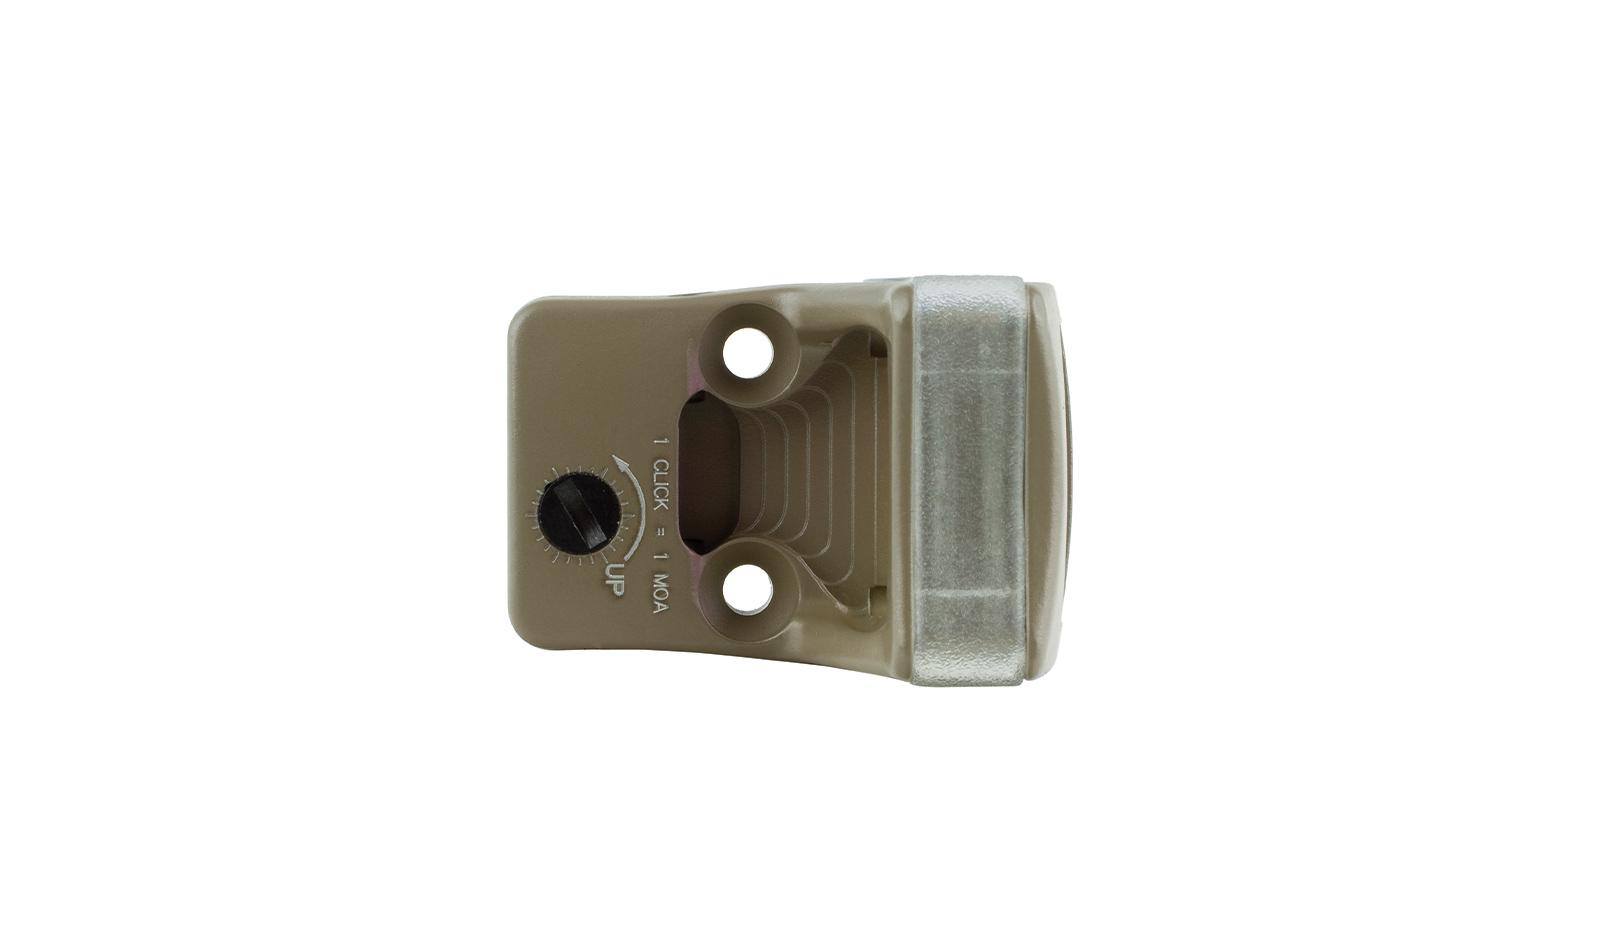 RM03-C-700144 angle 9